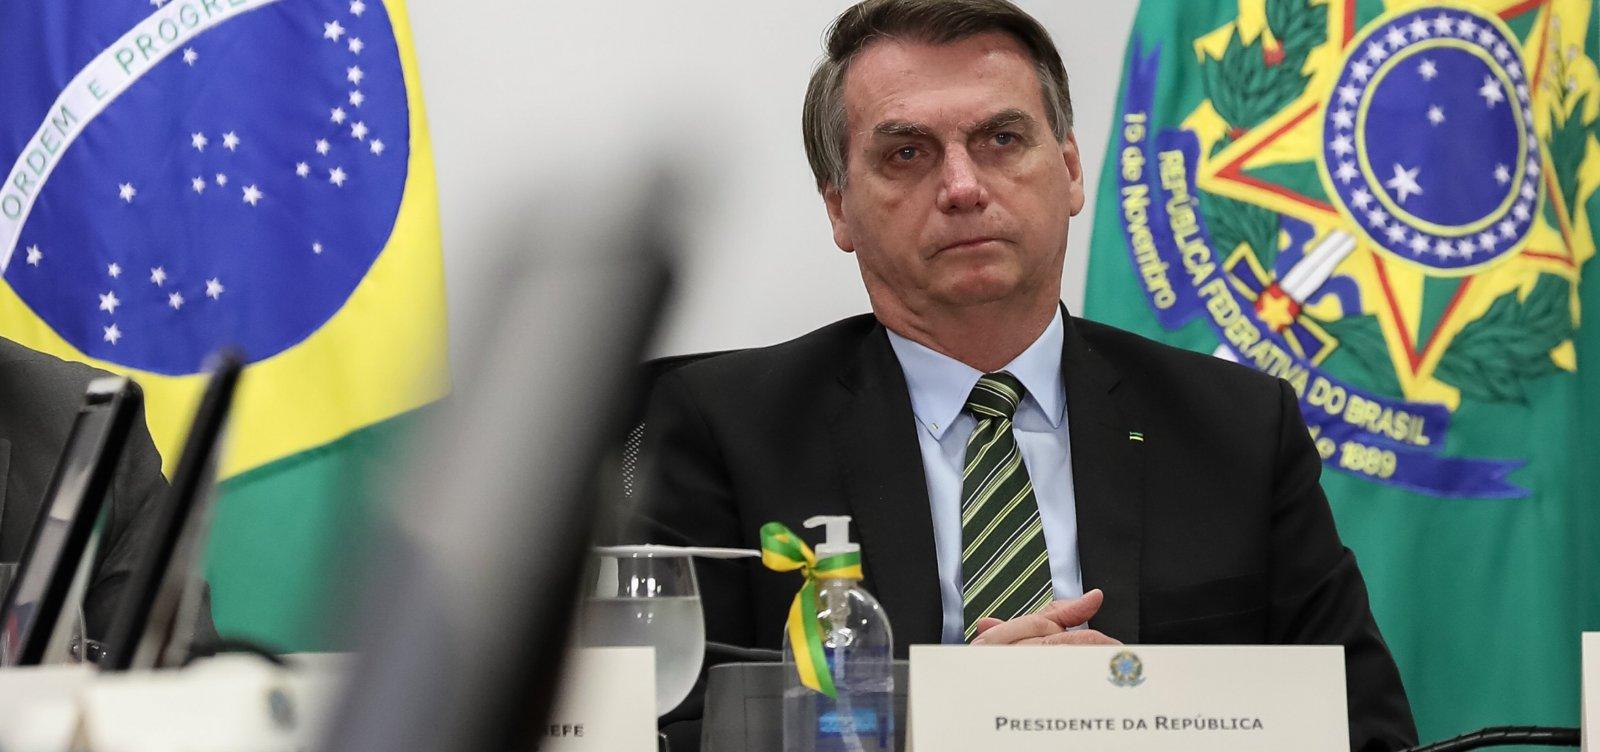 [Em reunião, Bolsonaro falou em armar população contra governadores]